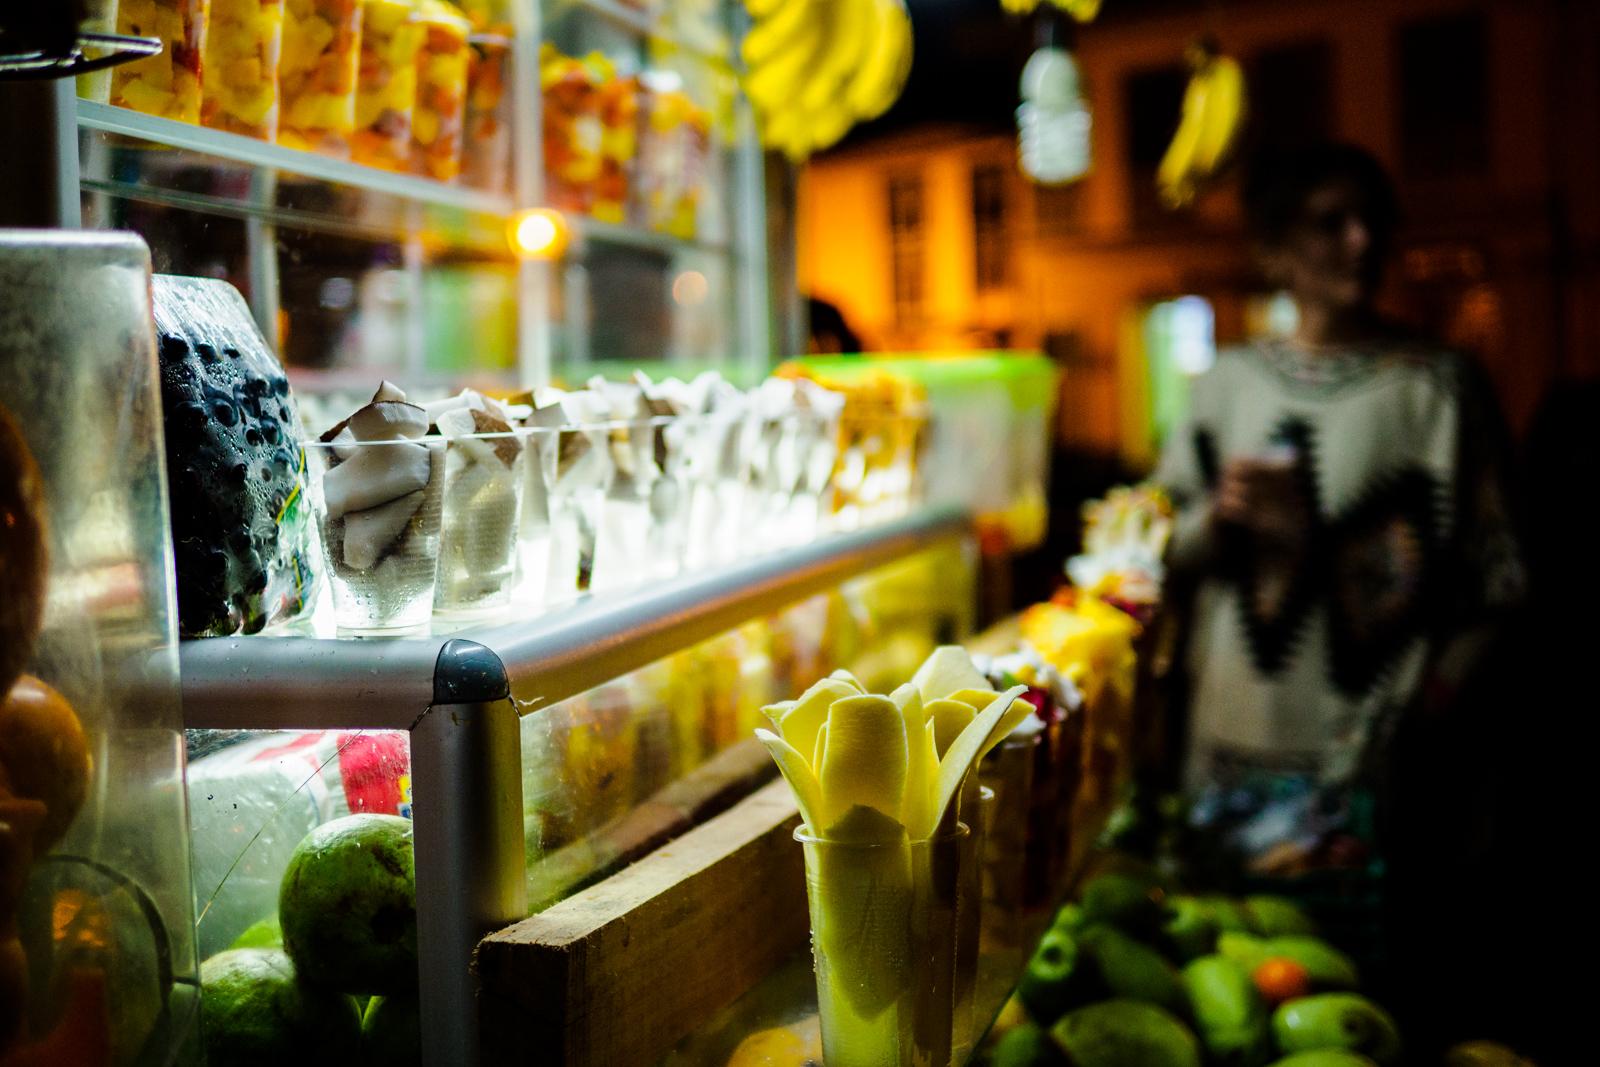 Foto: Frische Früchte in allen Farben und Formen